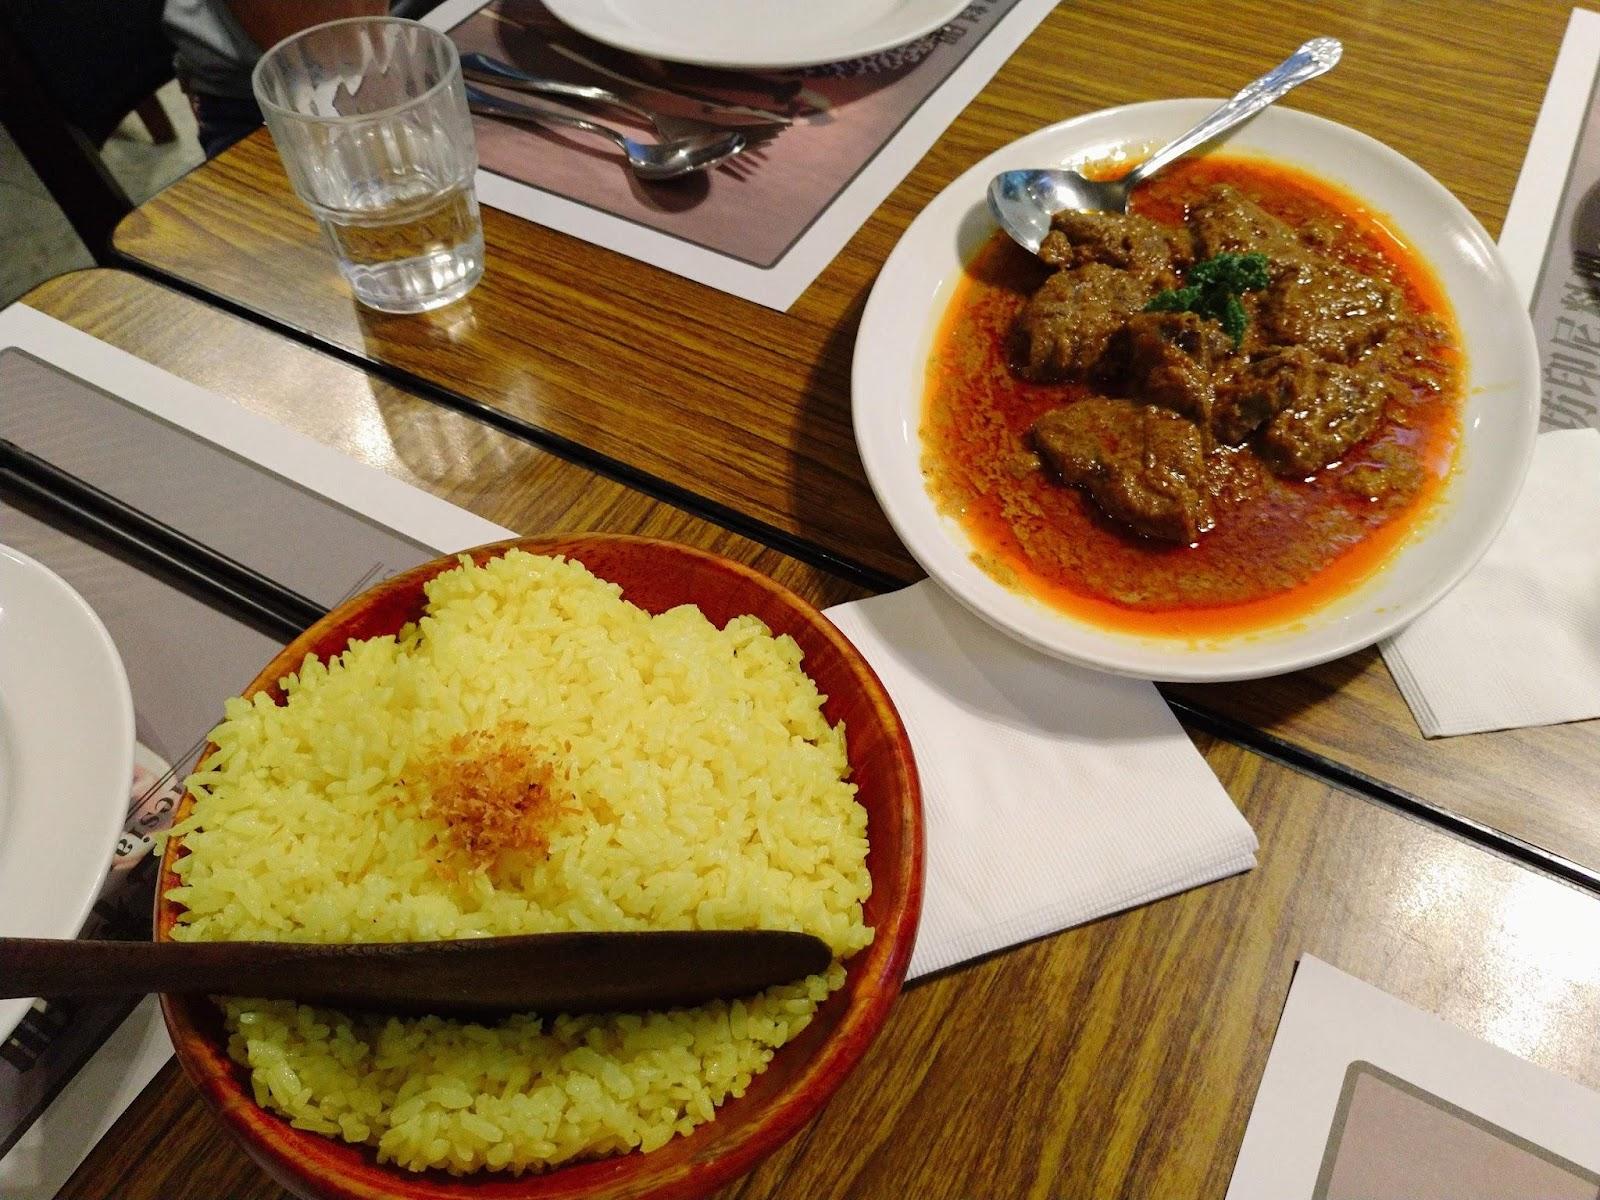 她思鄉你吃香:2020再訪臺北最佳印尼餐廳(磐石坊) @ 國際經貿工作者的筆記 :: 痞客邦